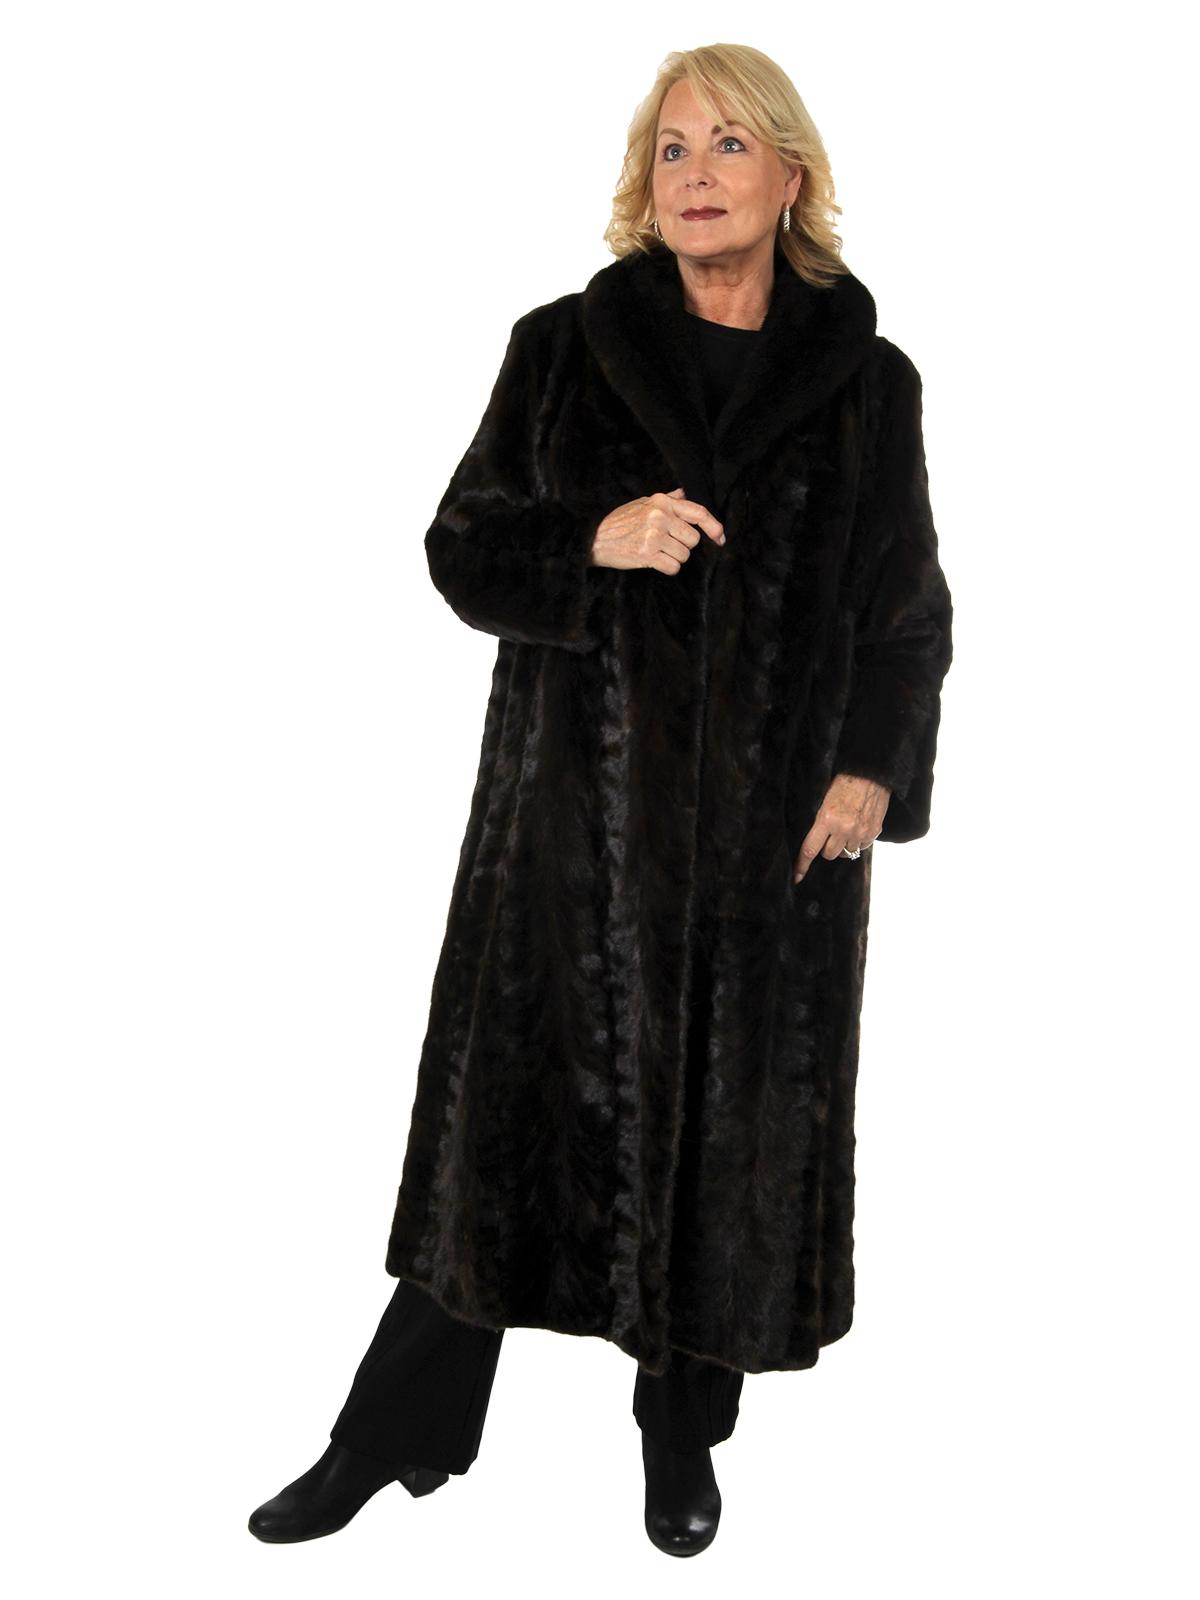 Woman's Deep Mahogany Sectioned Mink Fur Coat